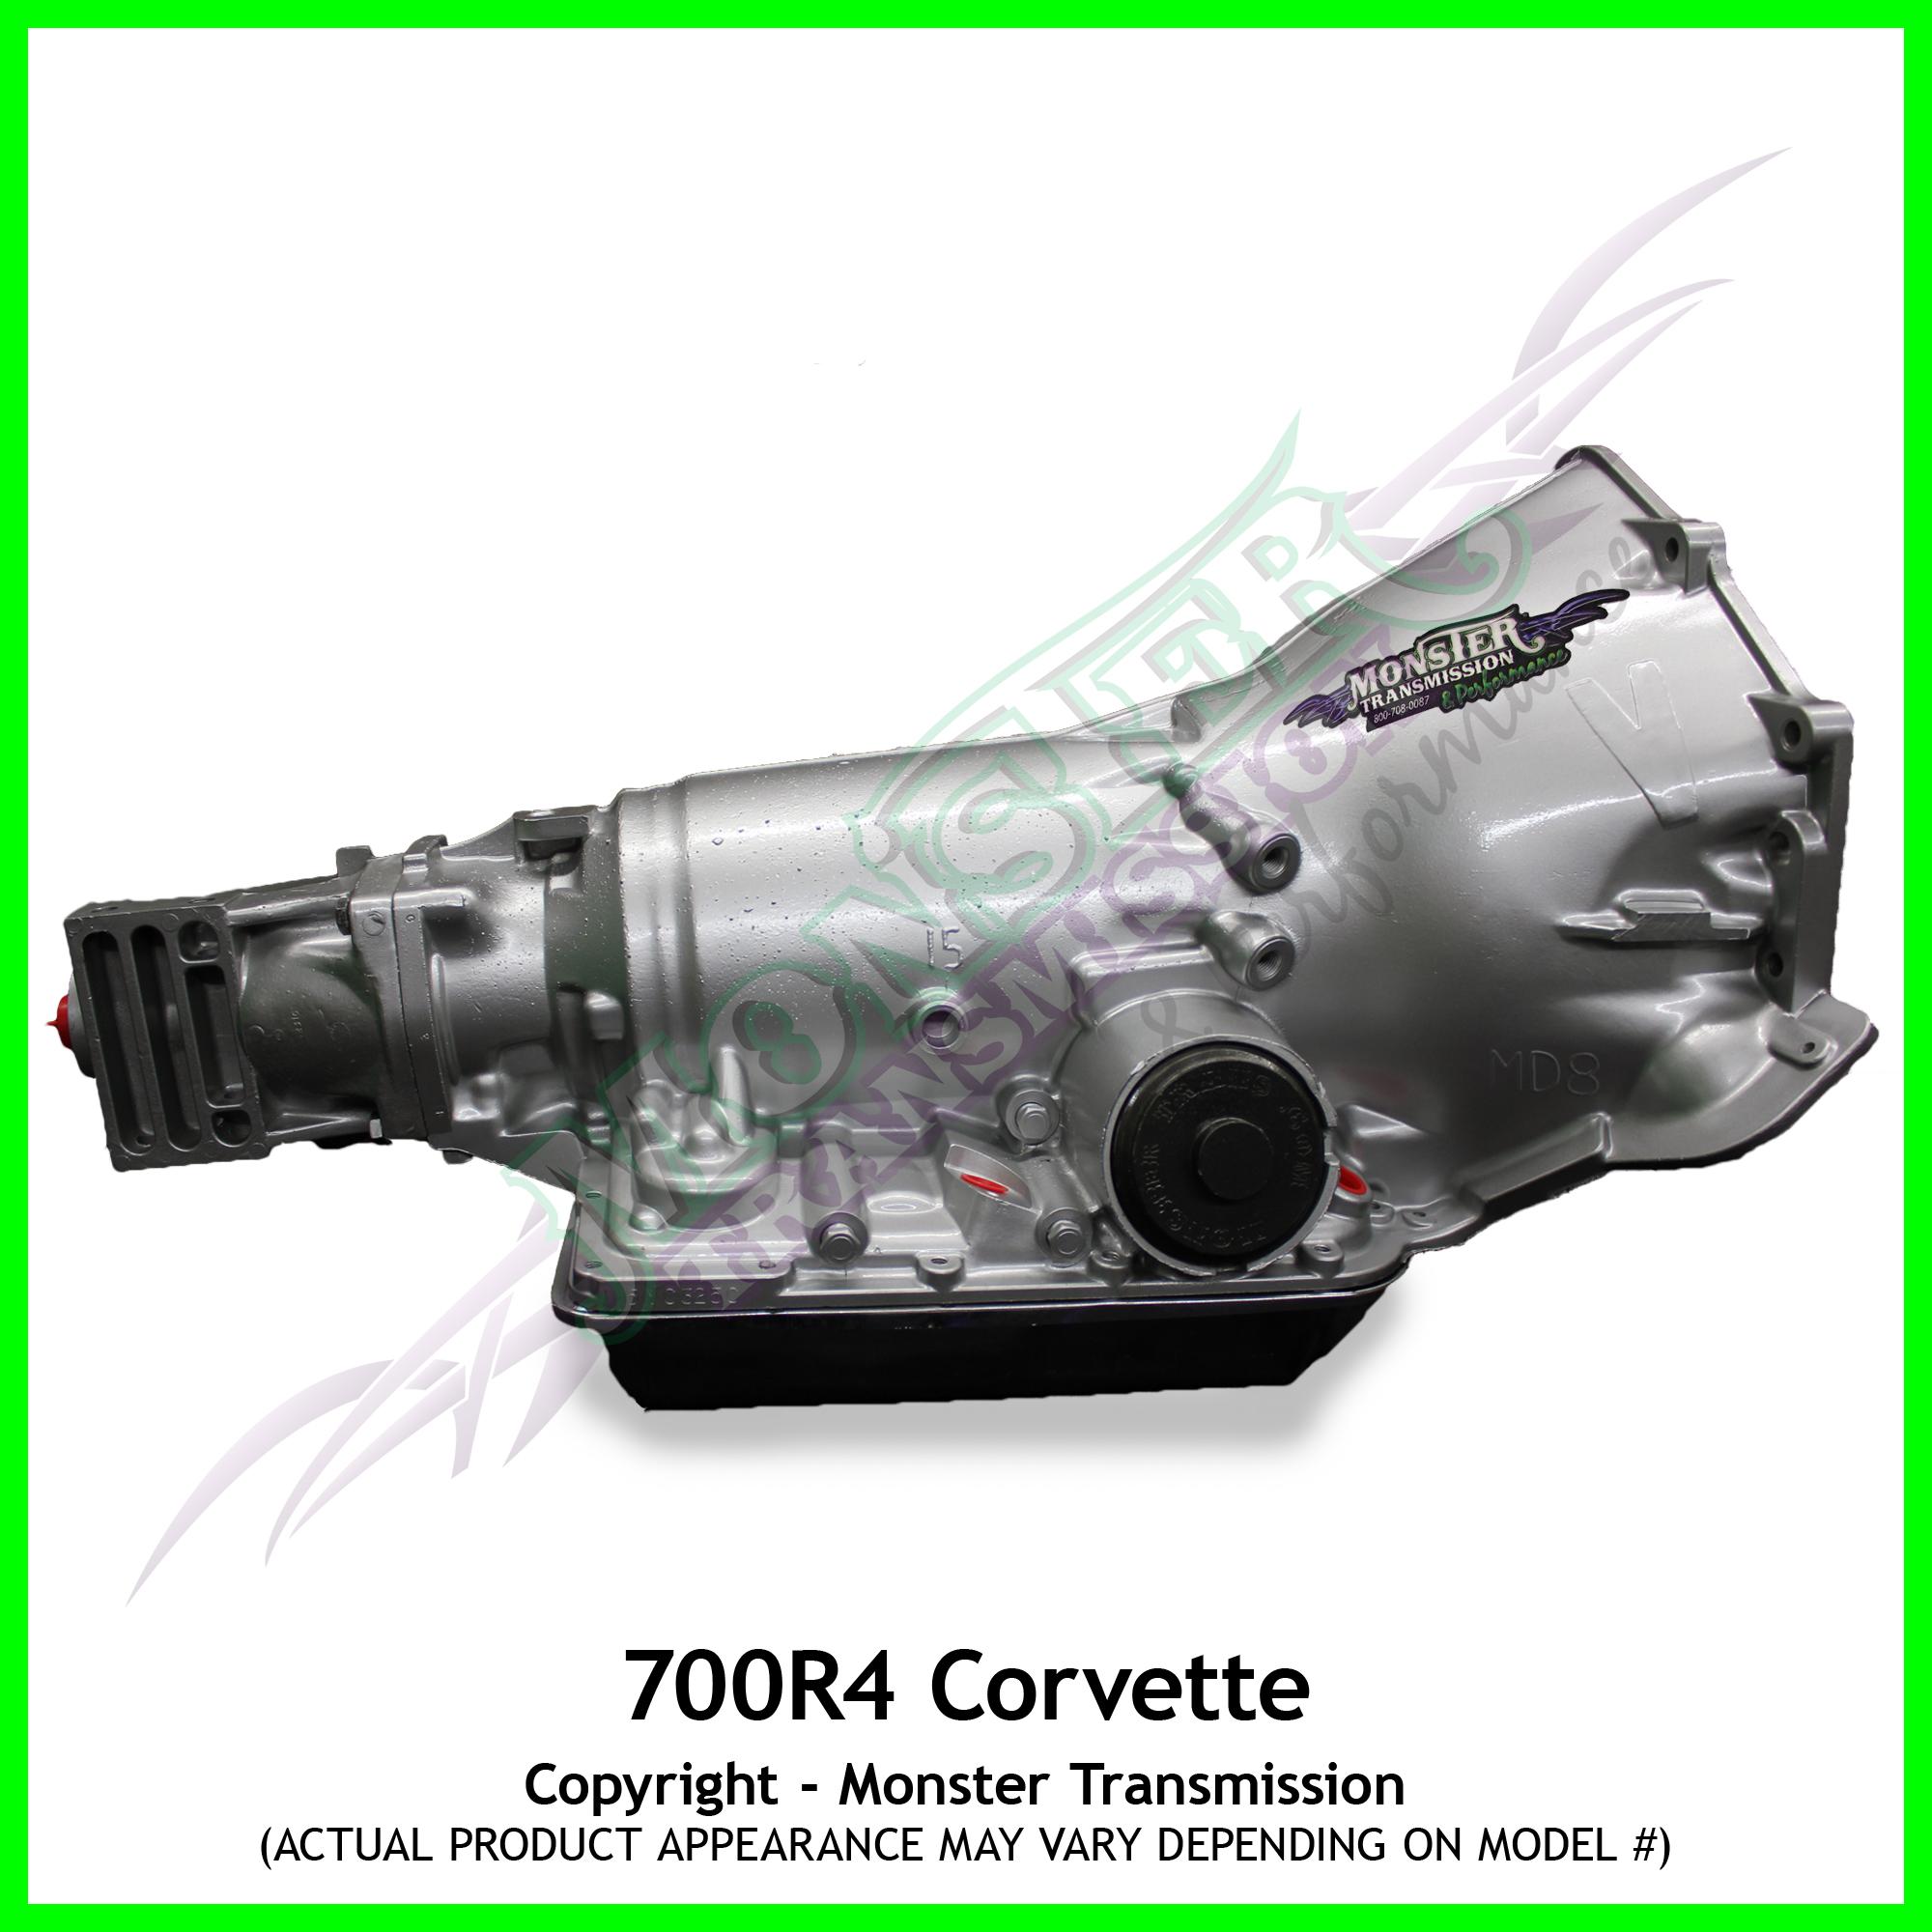 Corvette 700r4 Transmission Heavy Duty 2WD, 700r4 transmission, rebuilt 700r4  transmissions, gm 700r4 transmission, performance 700r4, 700r4